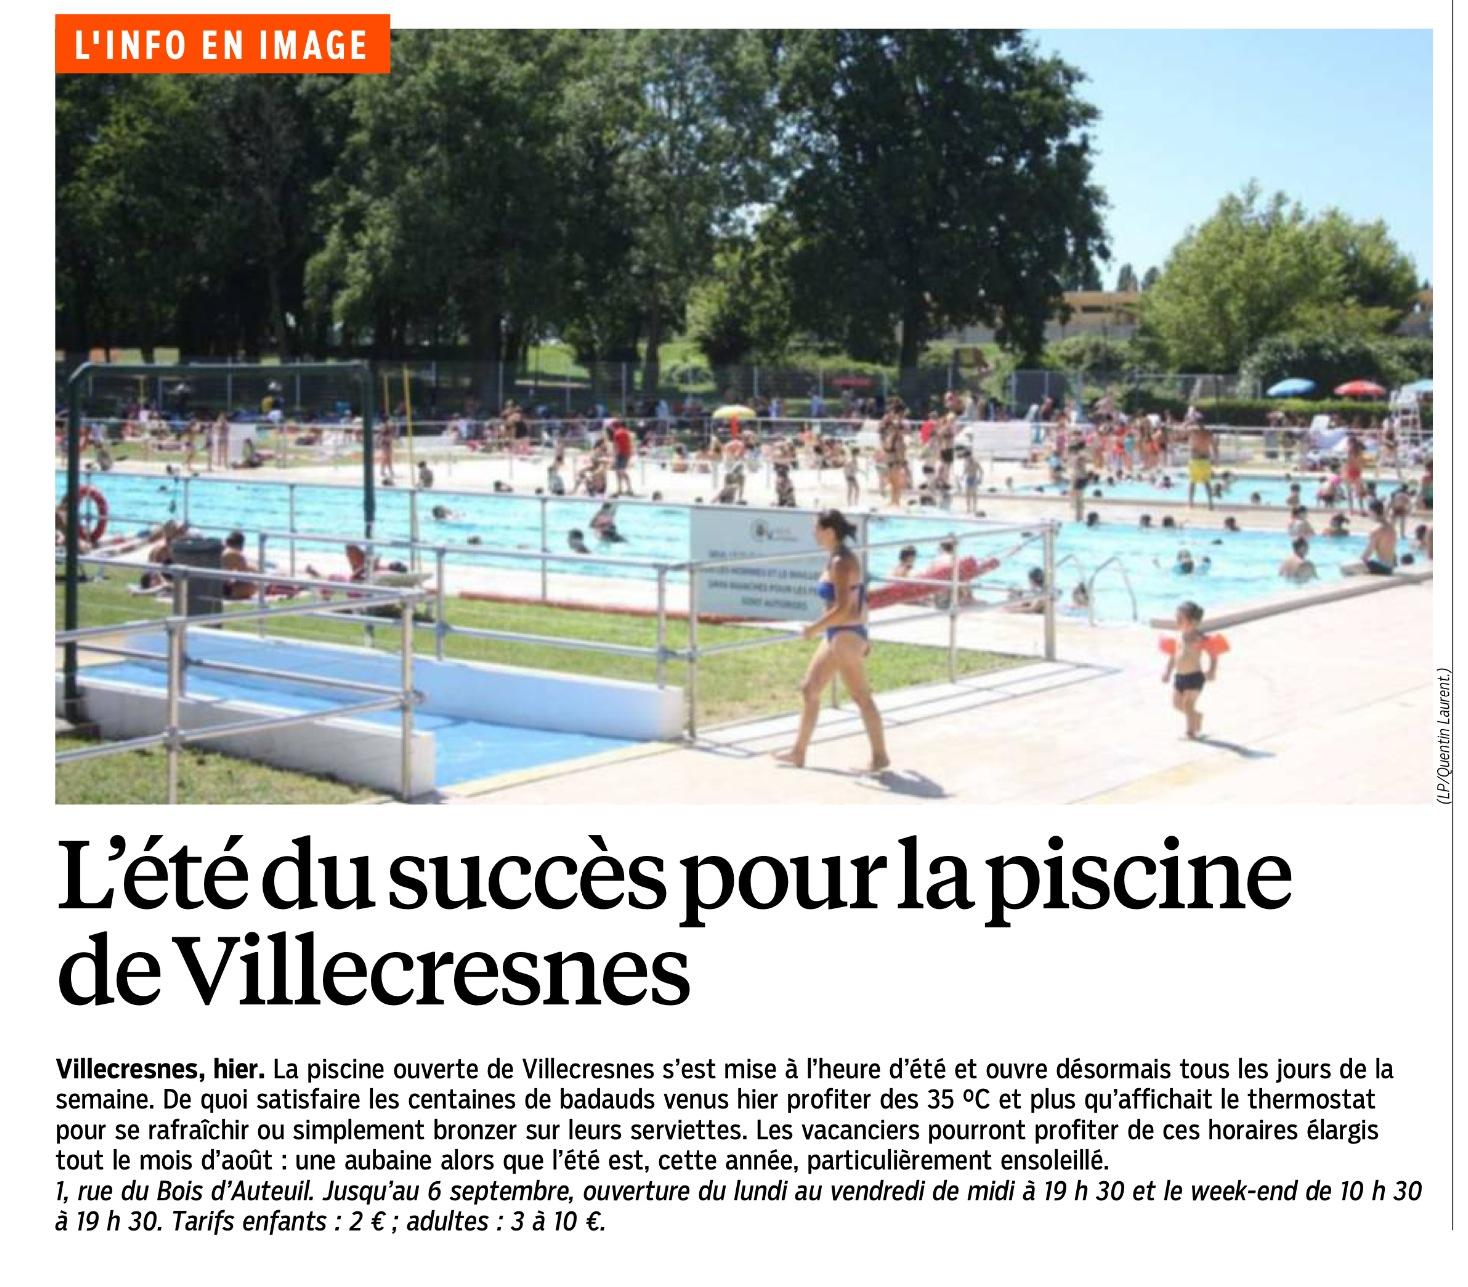 Le Parisien En Parle « L'été Du Succès Pour La Piscine De ... concernant Piscine Villecresnes